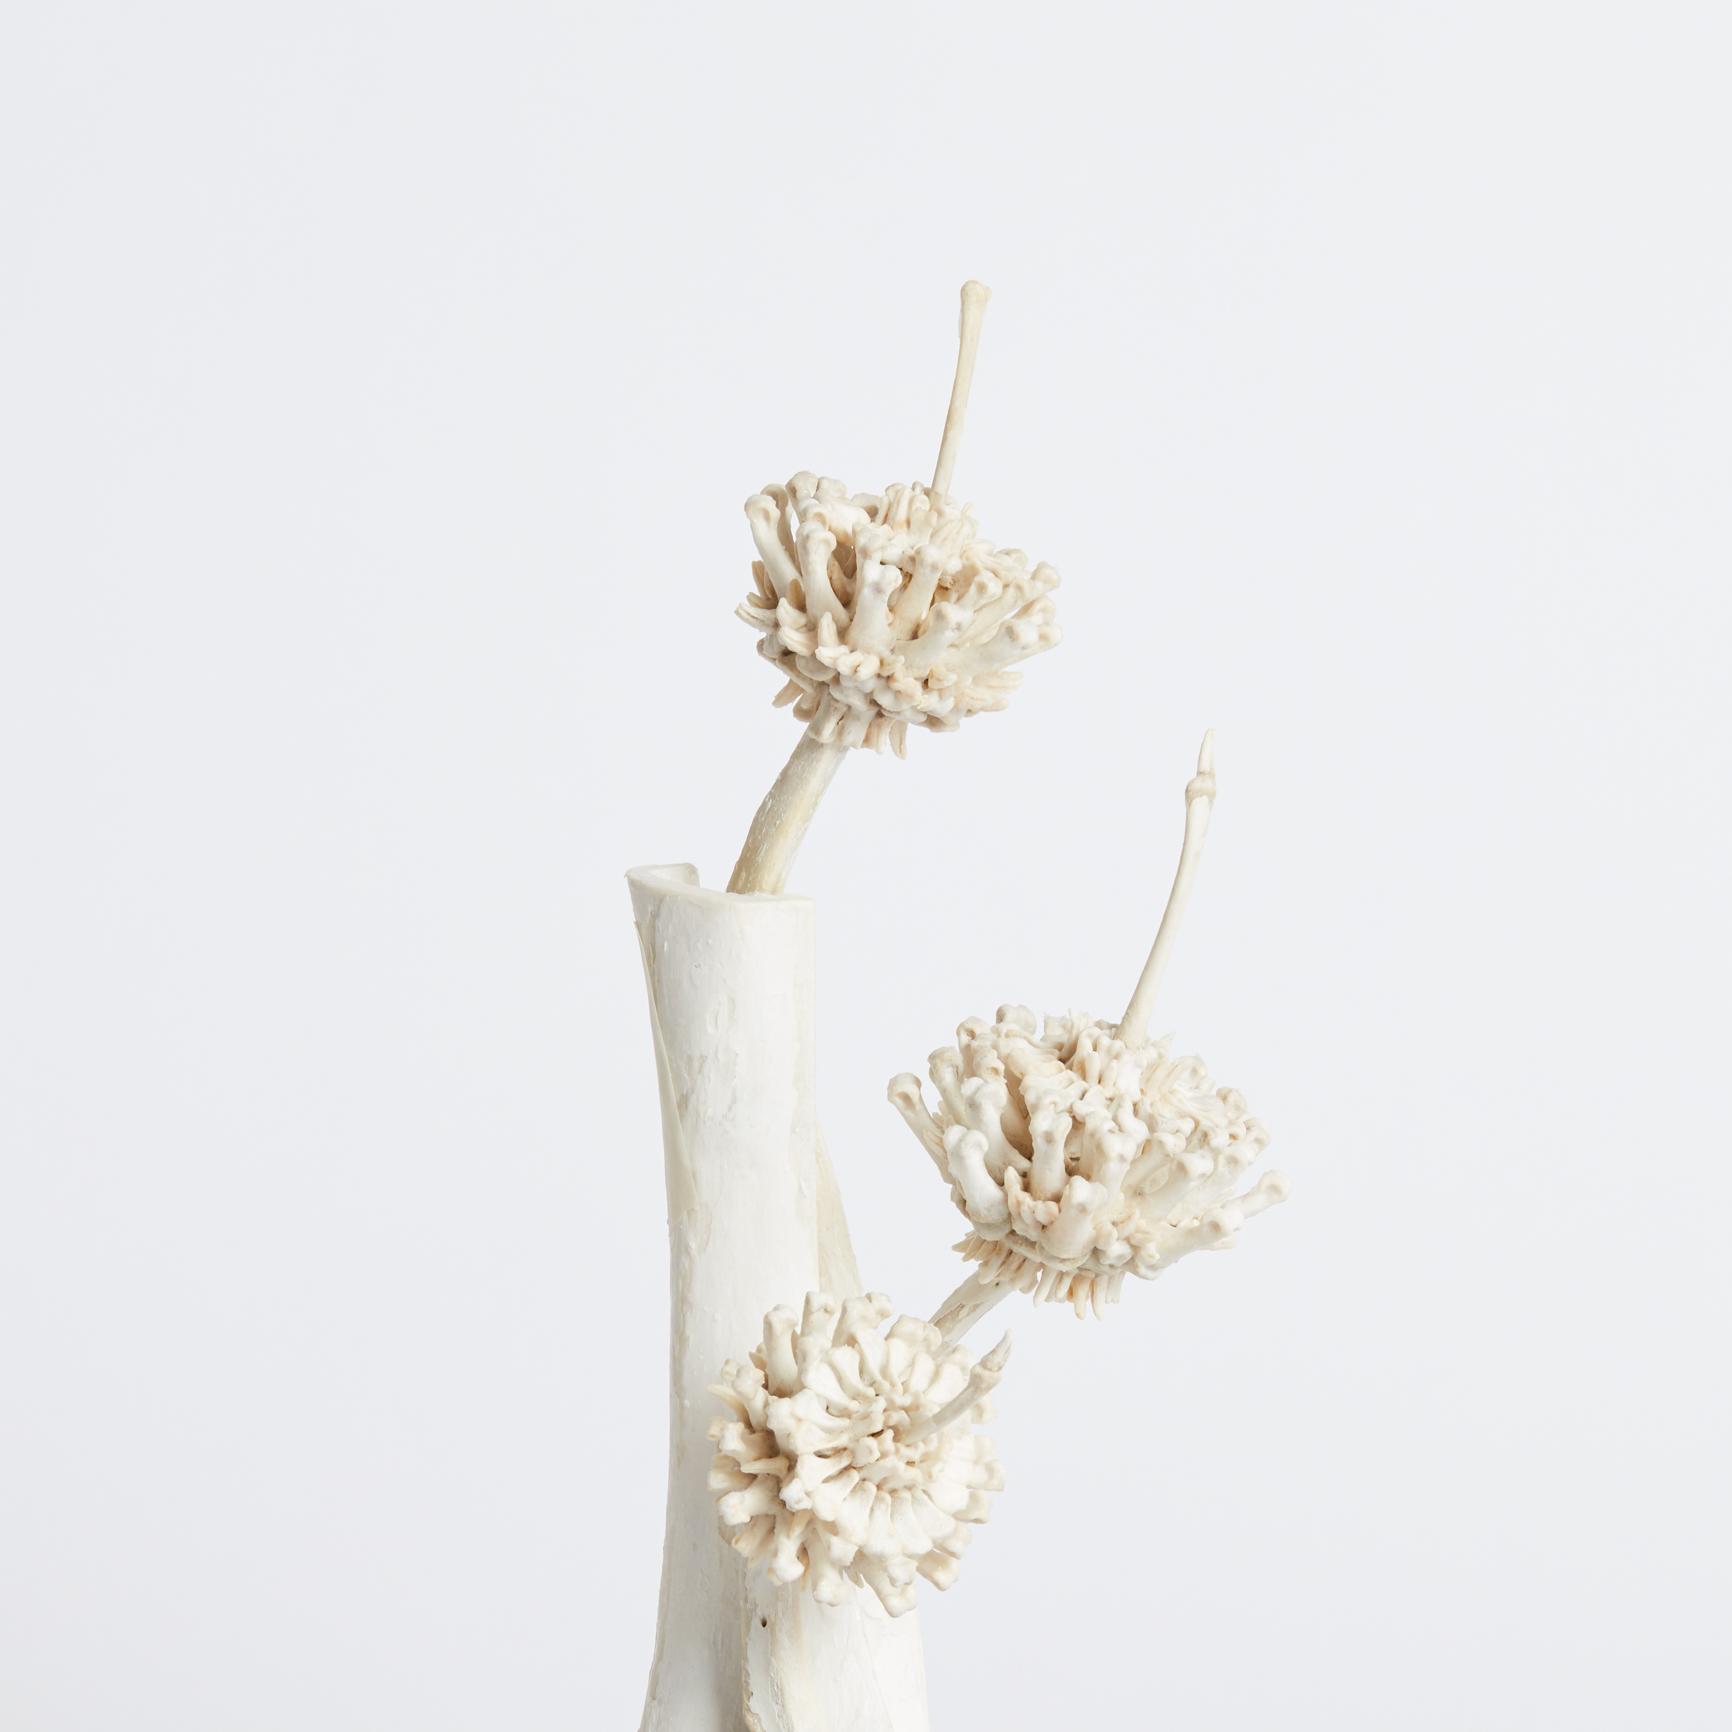 Emma Witter, From Bloom 2.3, Bones on Wooden Base, C.Charlotte Oldman.jpg